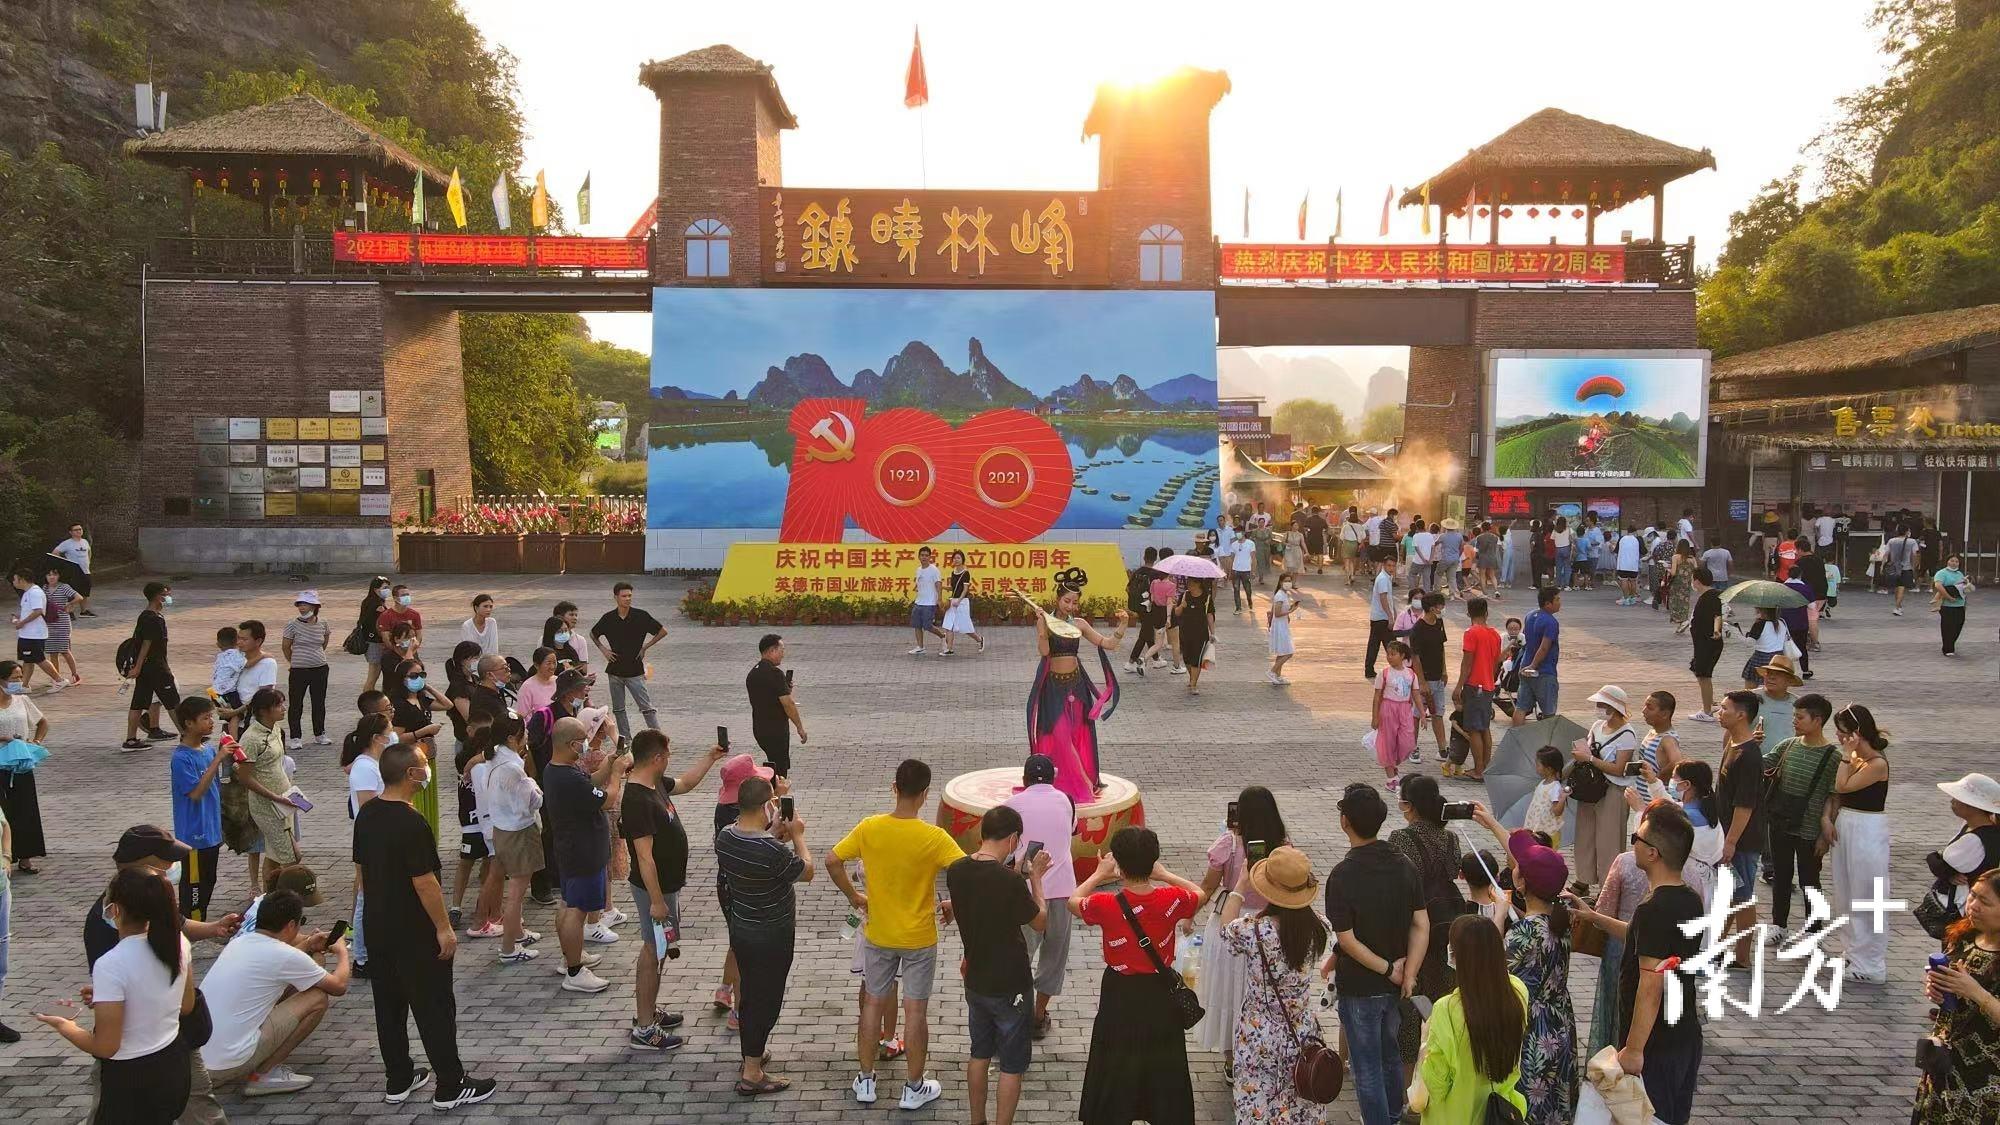 峰林晓镇成为各地游客在英德的热门打卡点。通讯员供图